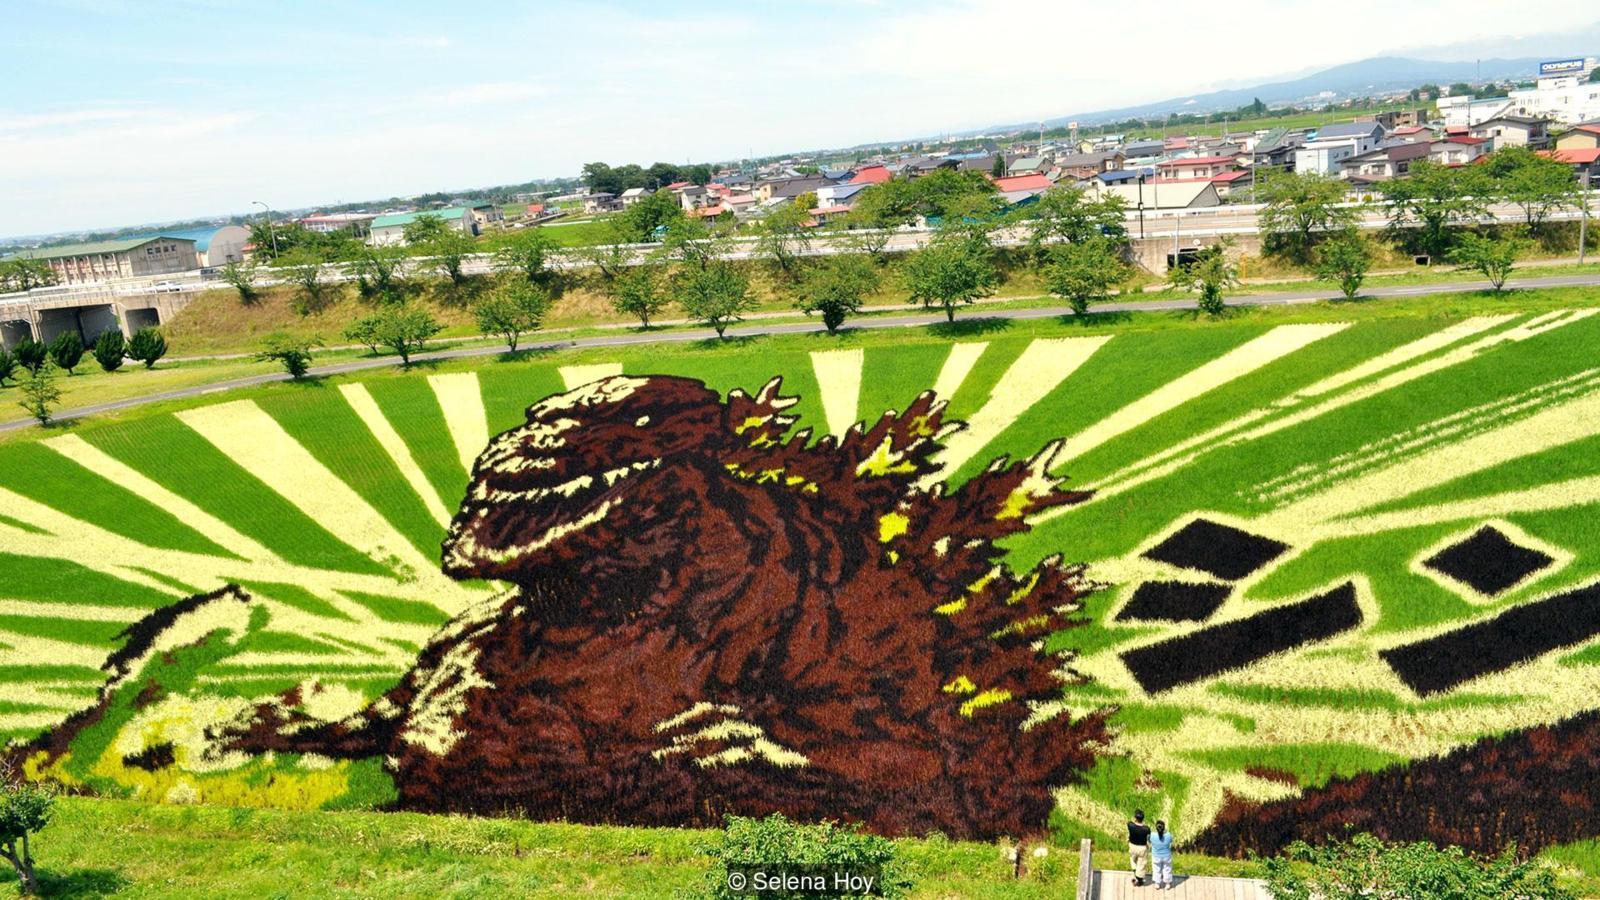 Японцы выращивают 3D-картины на рисовых полях (картины создаются с помощью посадки разных видов риса)